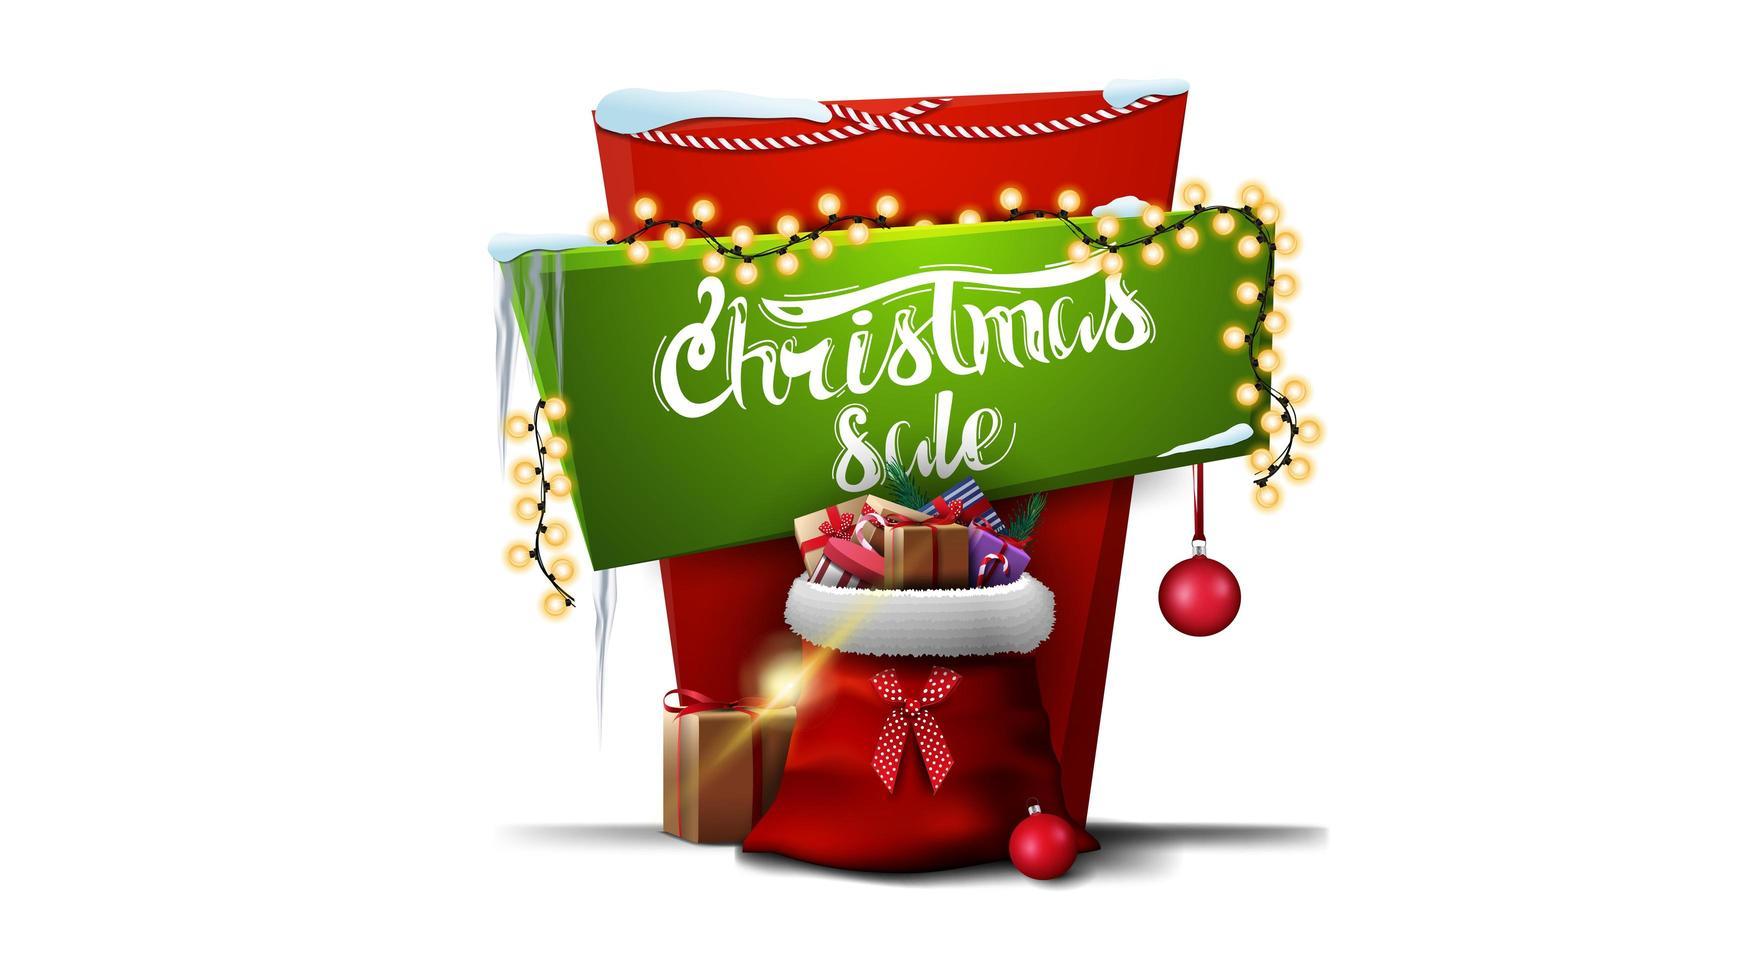 Weihnachtsverkauf, rotes und grünes vertikales Rabattbanner für Ihre Kreativität im Cartoonstil mit Girlande, schönem Schriftzug und Weihnachtsmann-Tasche mit Geschenken vektor